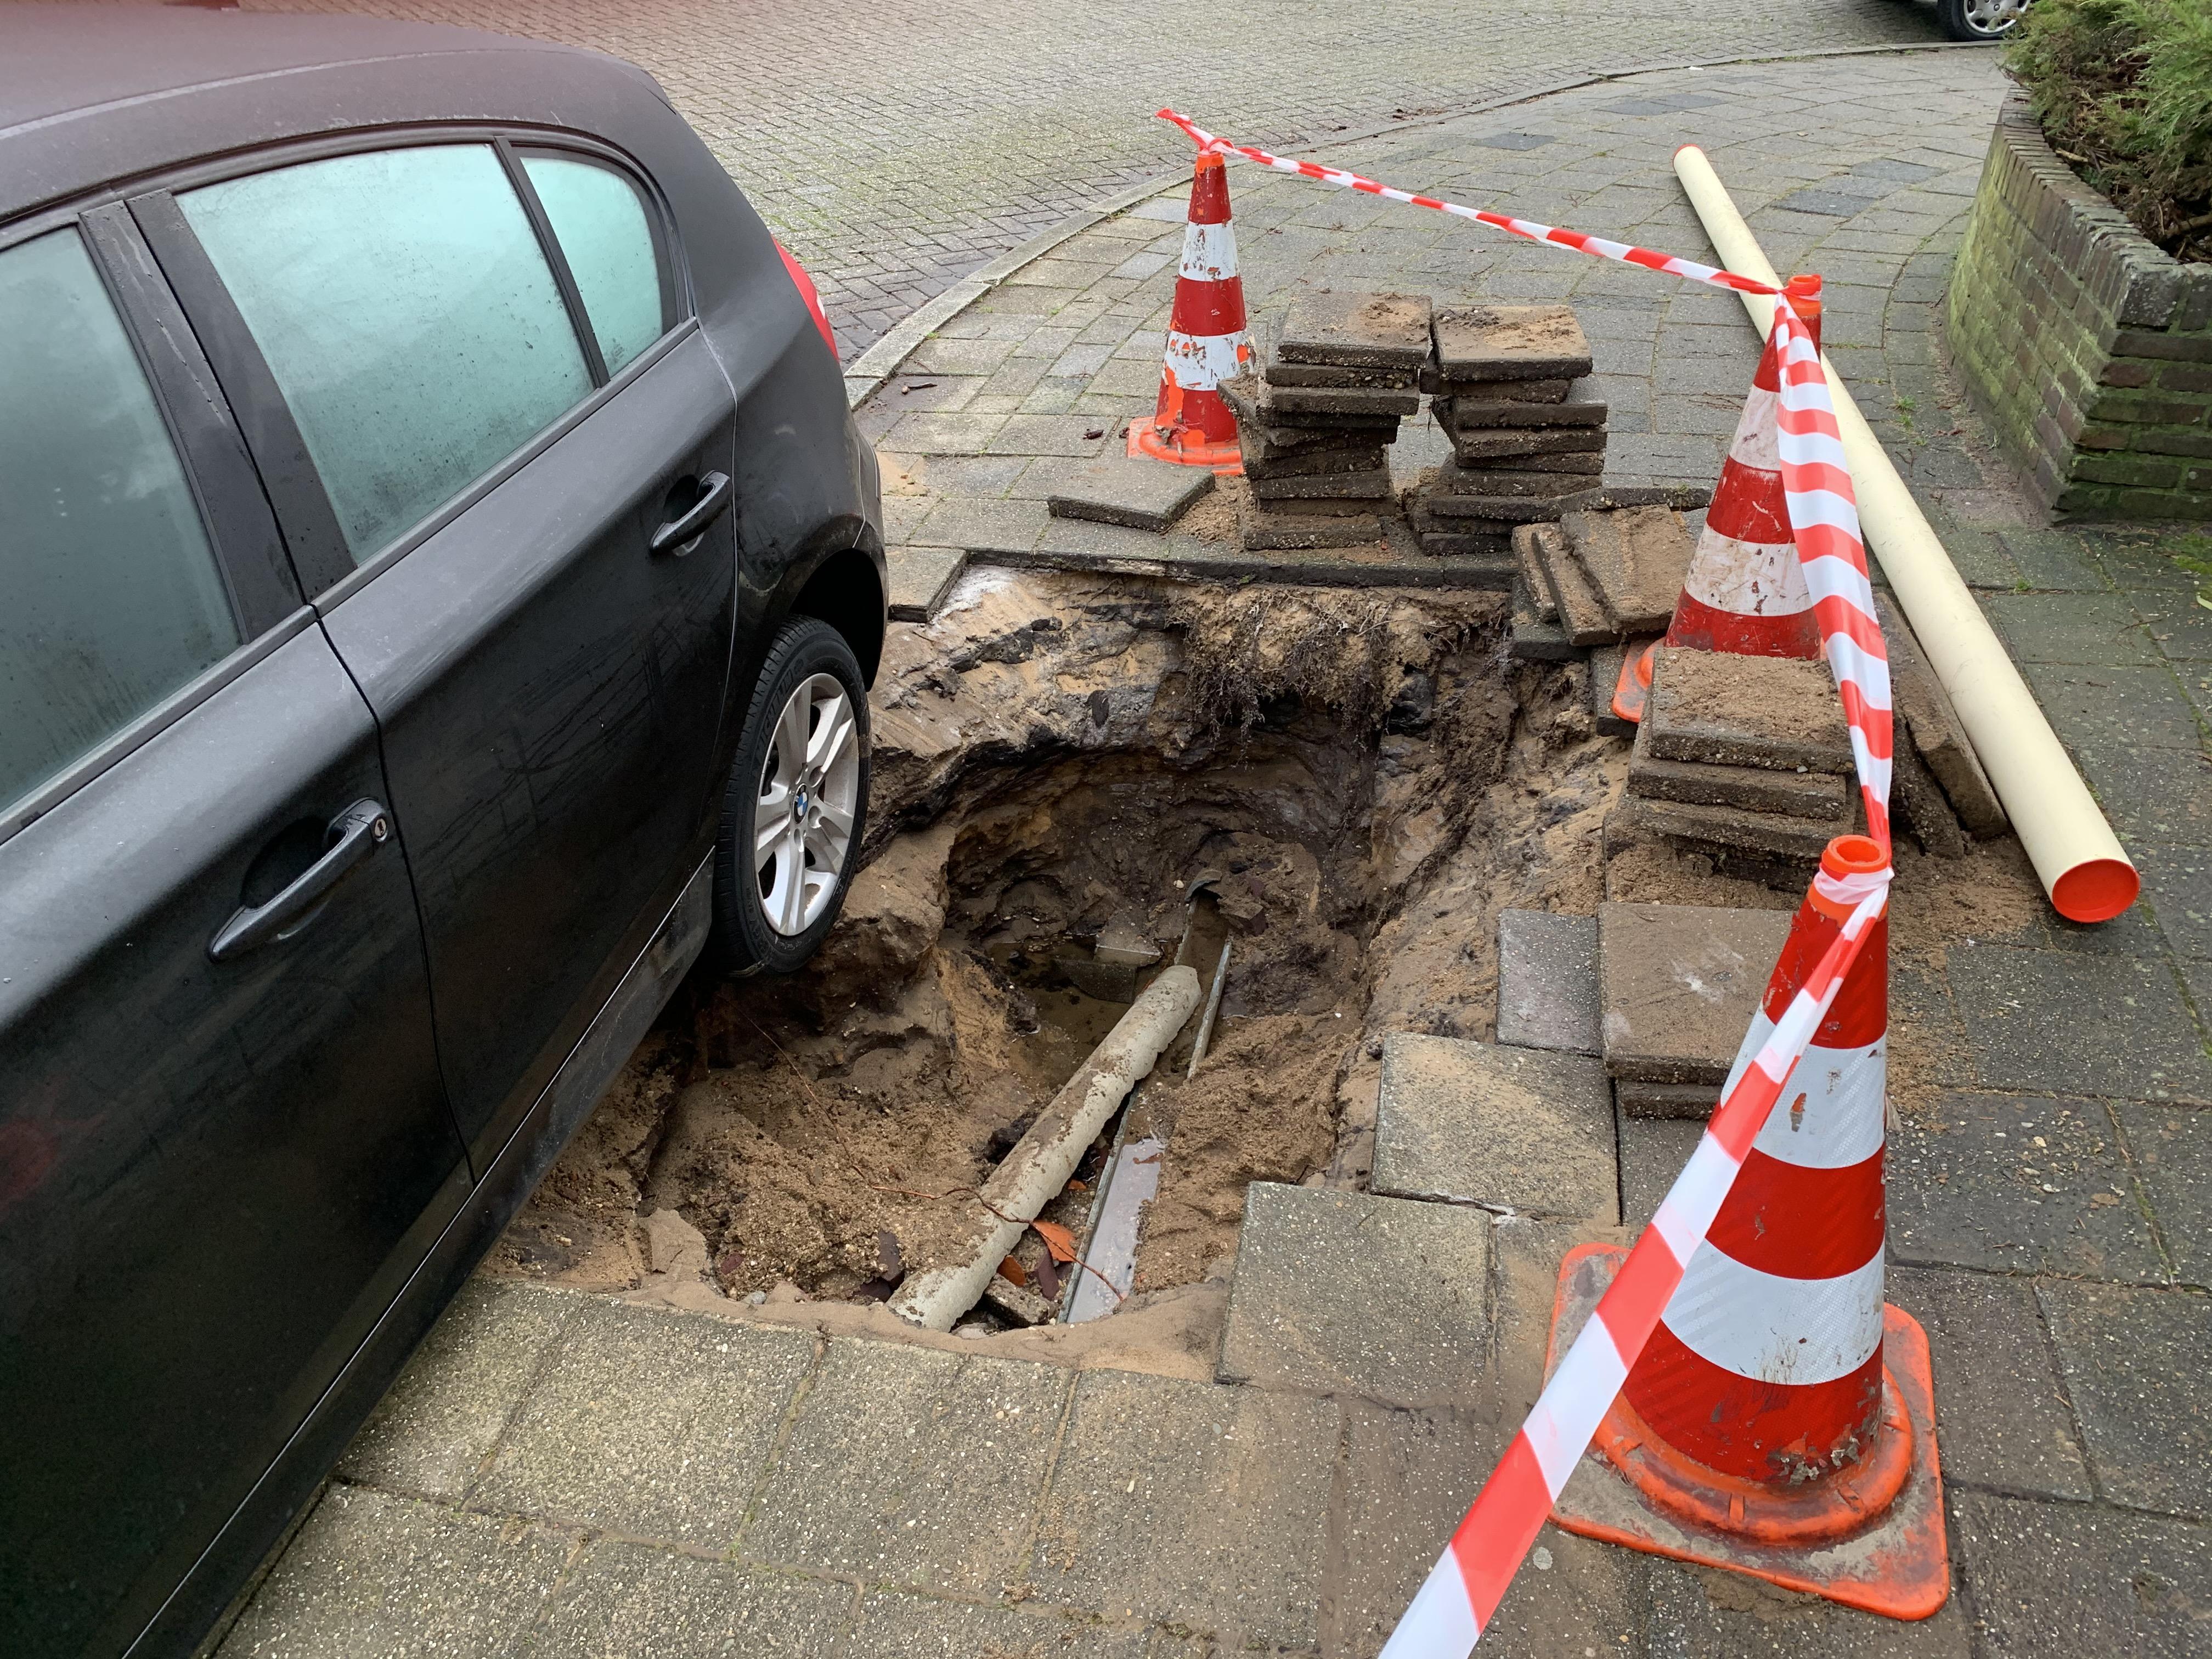 BMW van Hilversummers Remco Hilhorst en Sadau Poort kantelt na waterleidingbreuk bijna in een 'sinkhole'. 'Hij heeft wel een tikkie gehad'